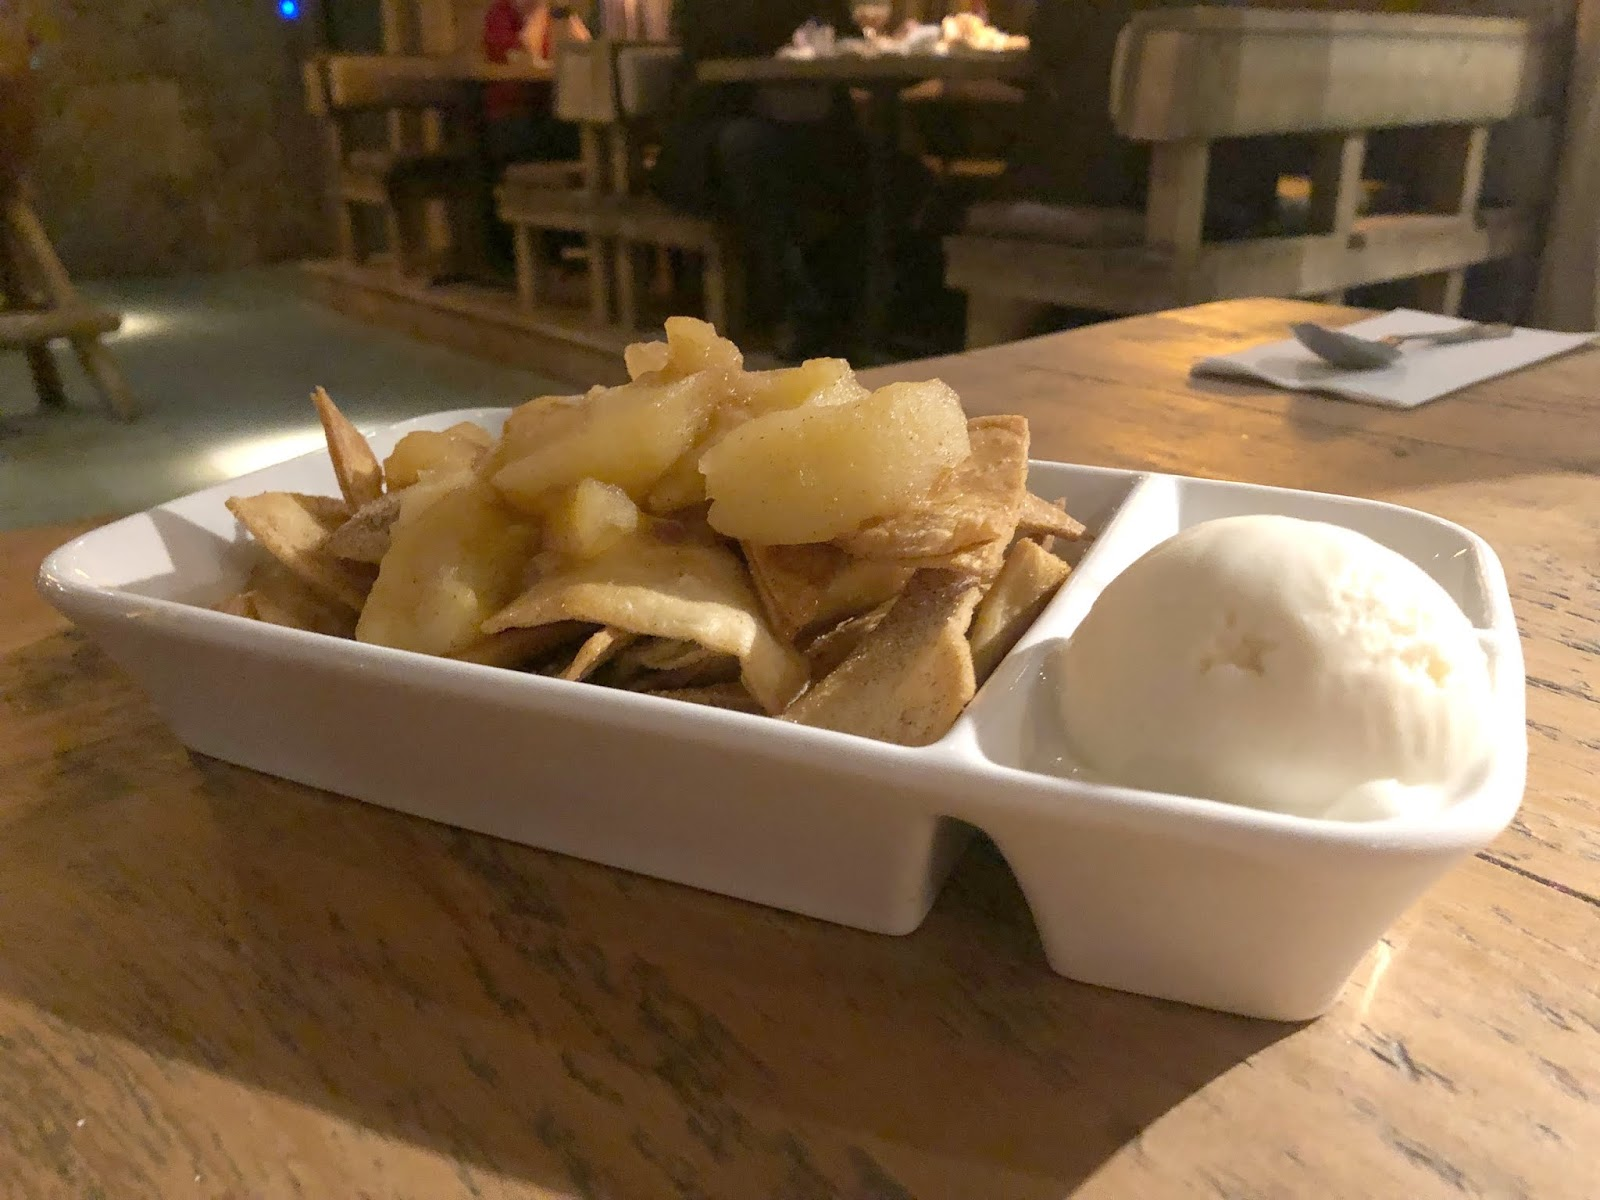 The Palm Sunderland - Apple Pie Nachos